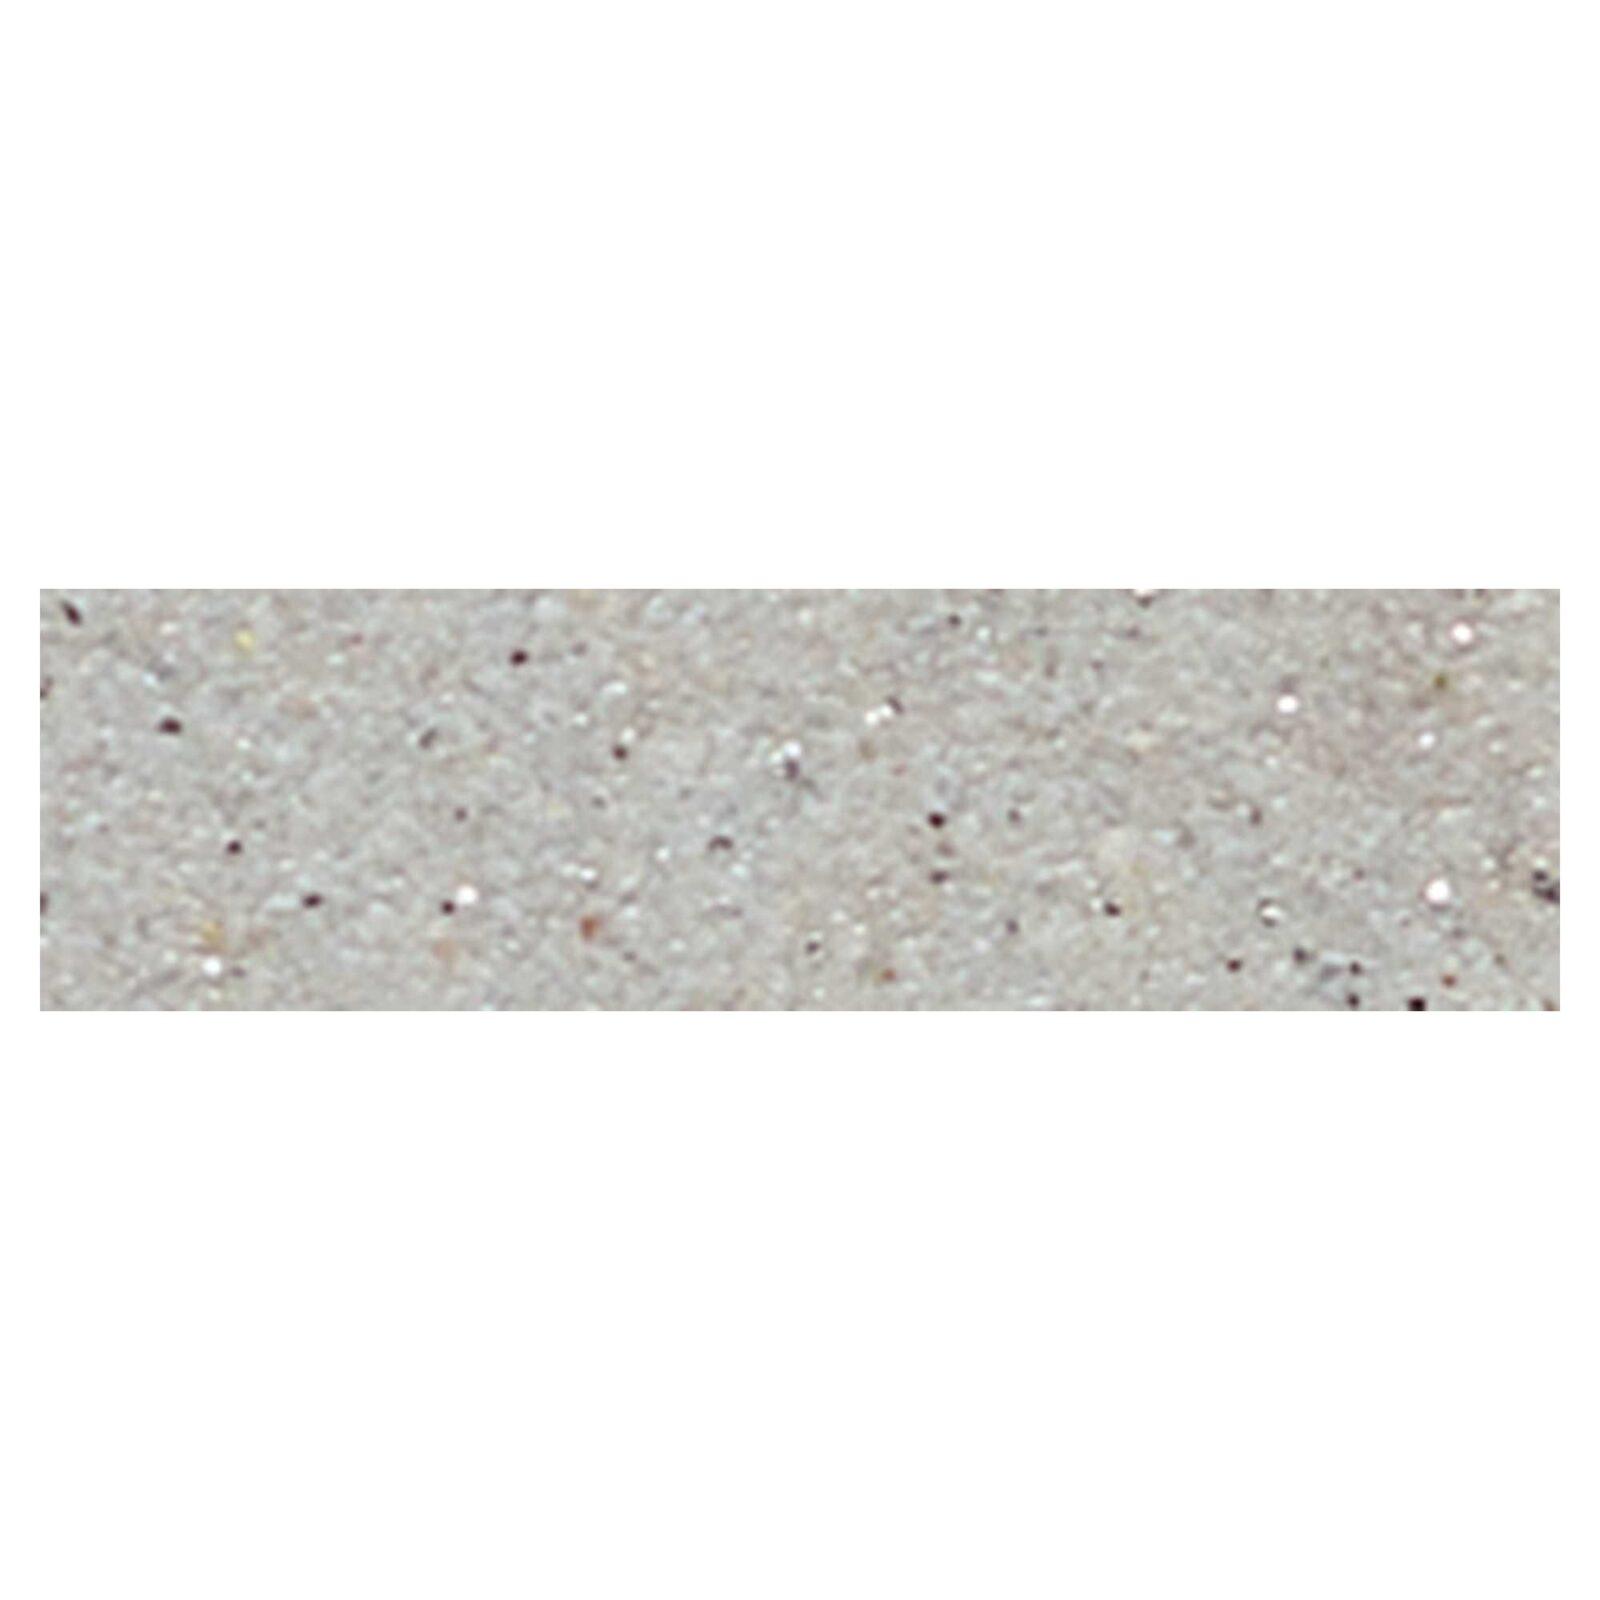 Мойка G-13(серебристый) (765х505х190) из гранитной крошки+сифон